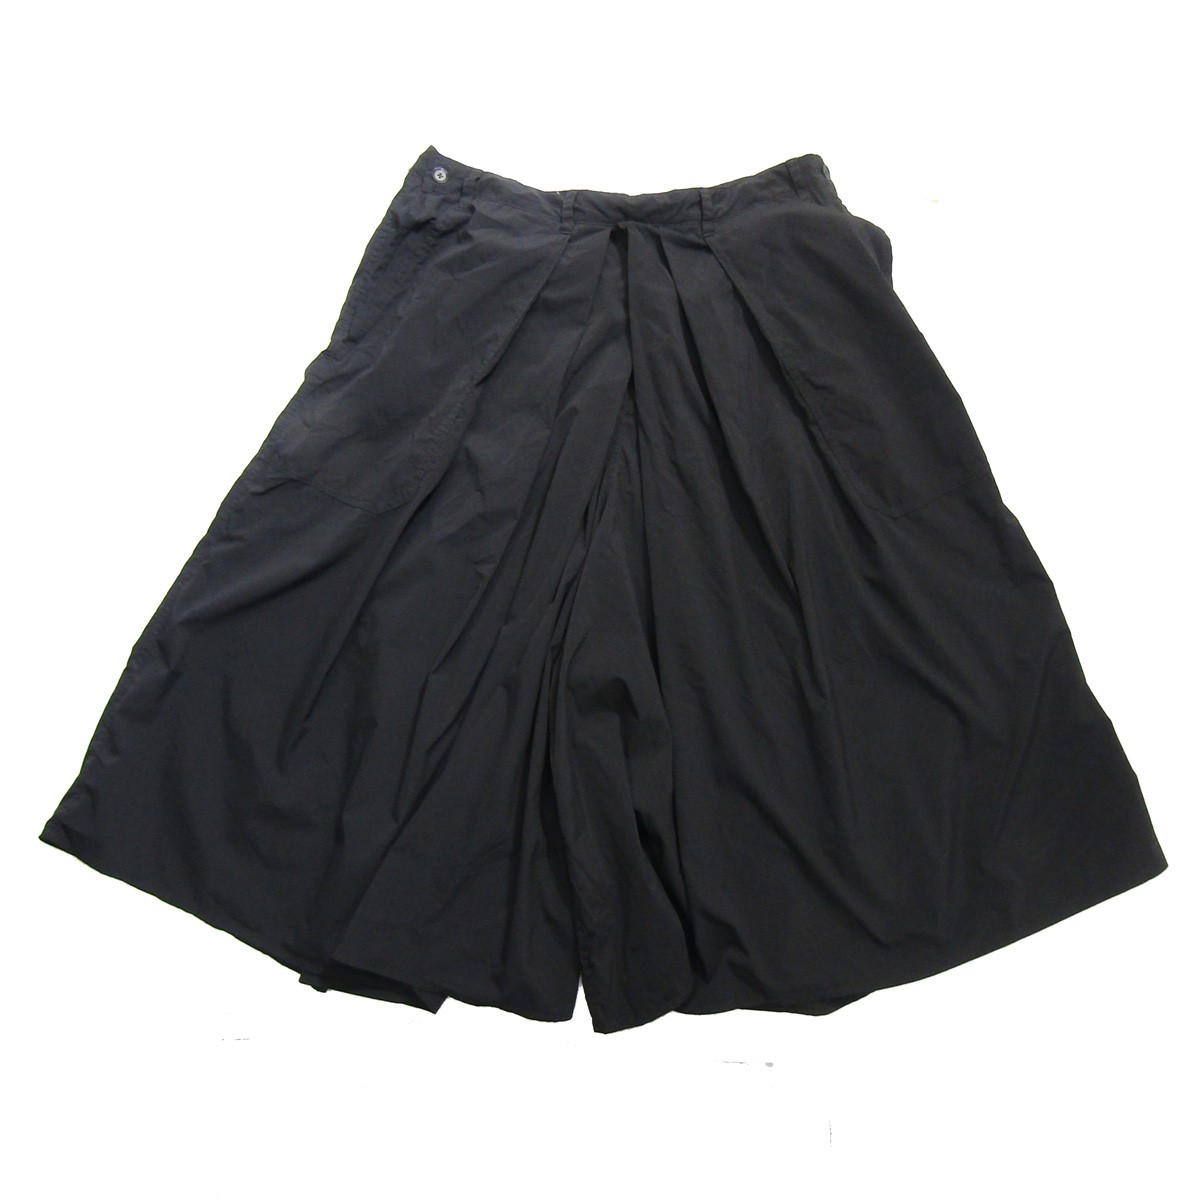 【中古】YOHJI YAMAMOTO pour homme Products Dyed Hakama Pants/製品染め加工ハカマパンツ ブラック サイズ:3 【090220】(ヨウジヤマモトプールオム)